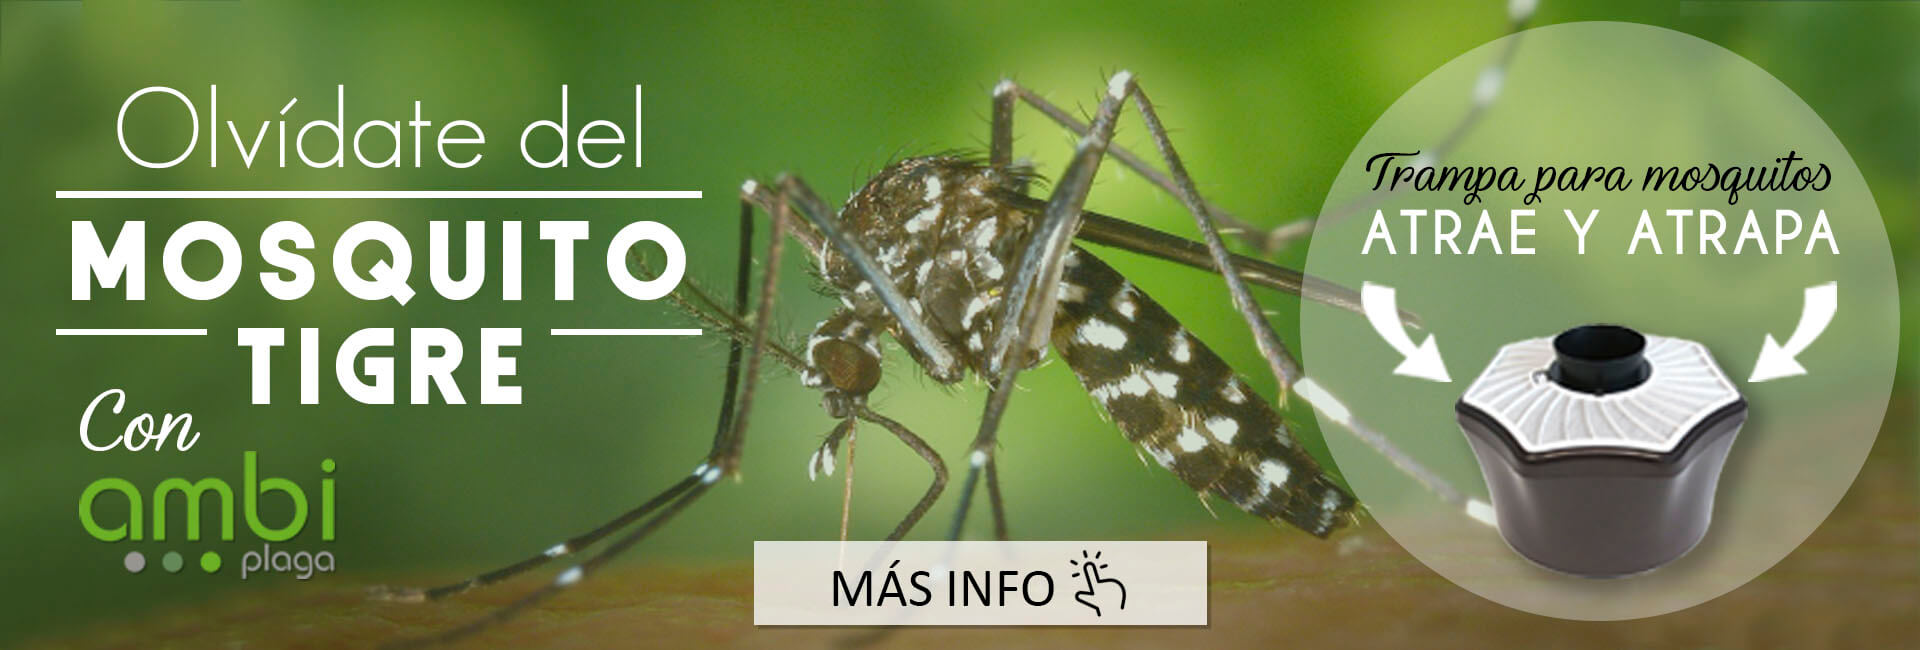 plaga de mosquito tigre en malaga